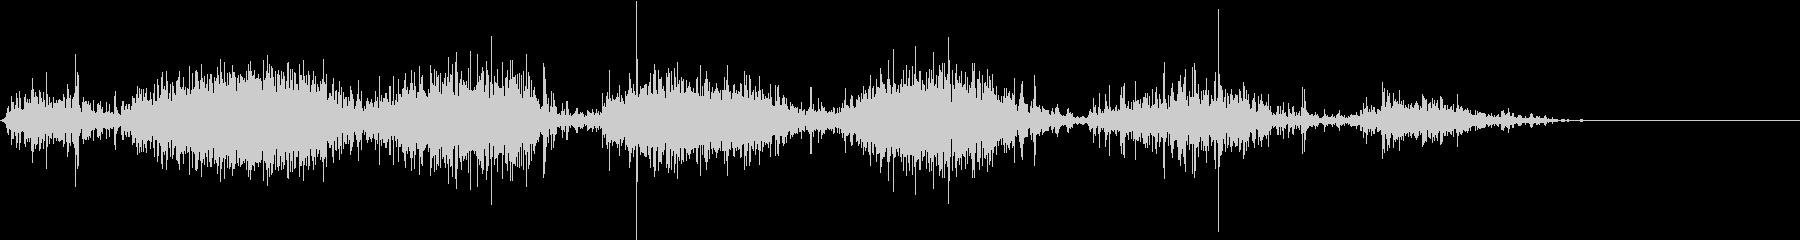 【生録音】米粒(生米)を取り出す音 3の未再生の波形